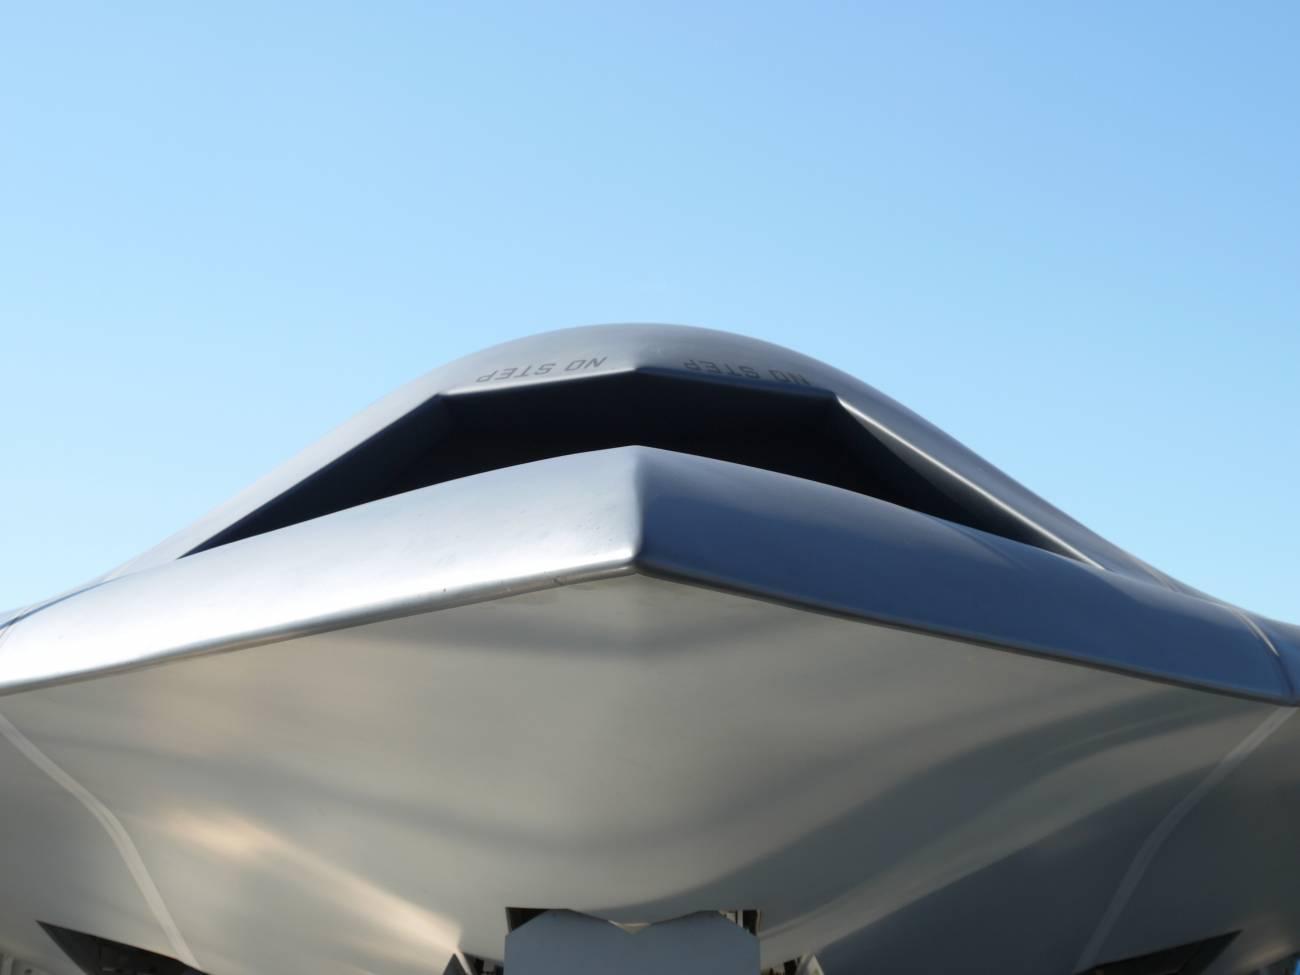 El gran reto de esta tecnología para 'drones' es su aplicación en la aviación civil. / Swamibu.